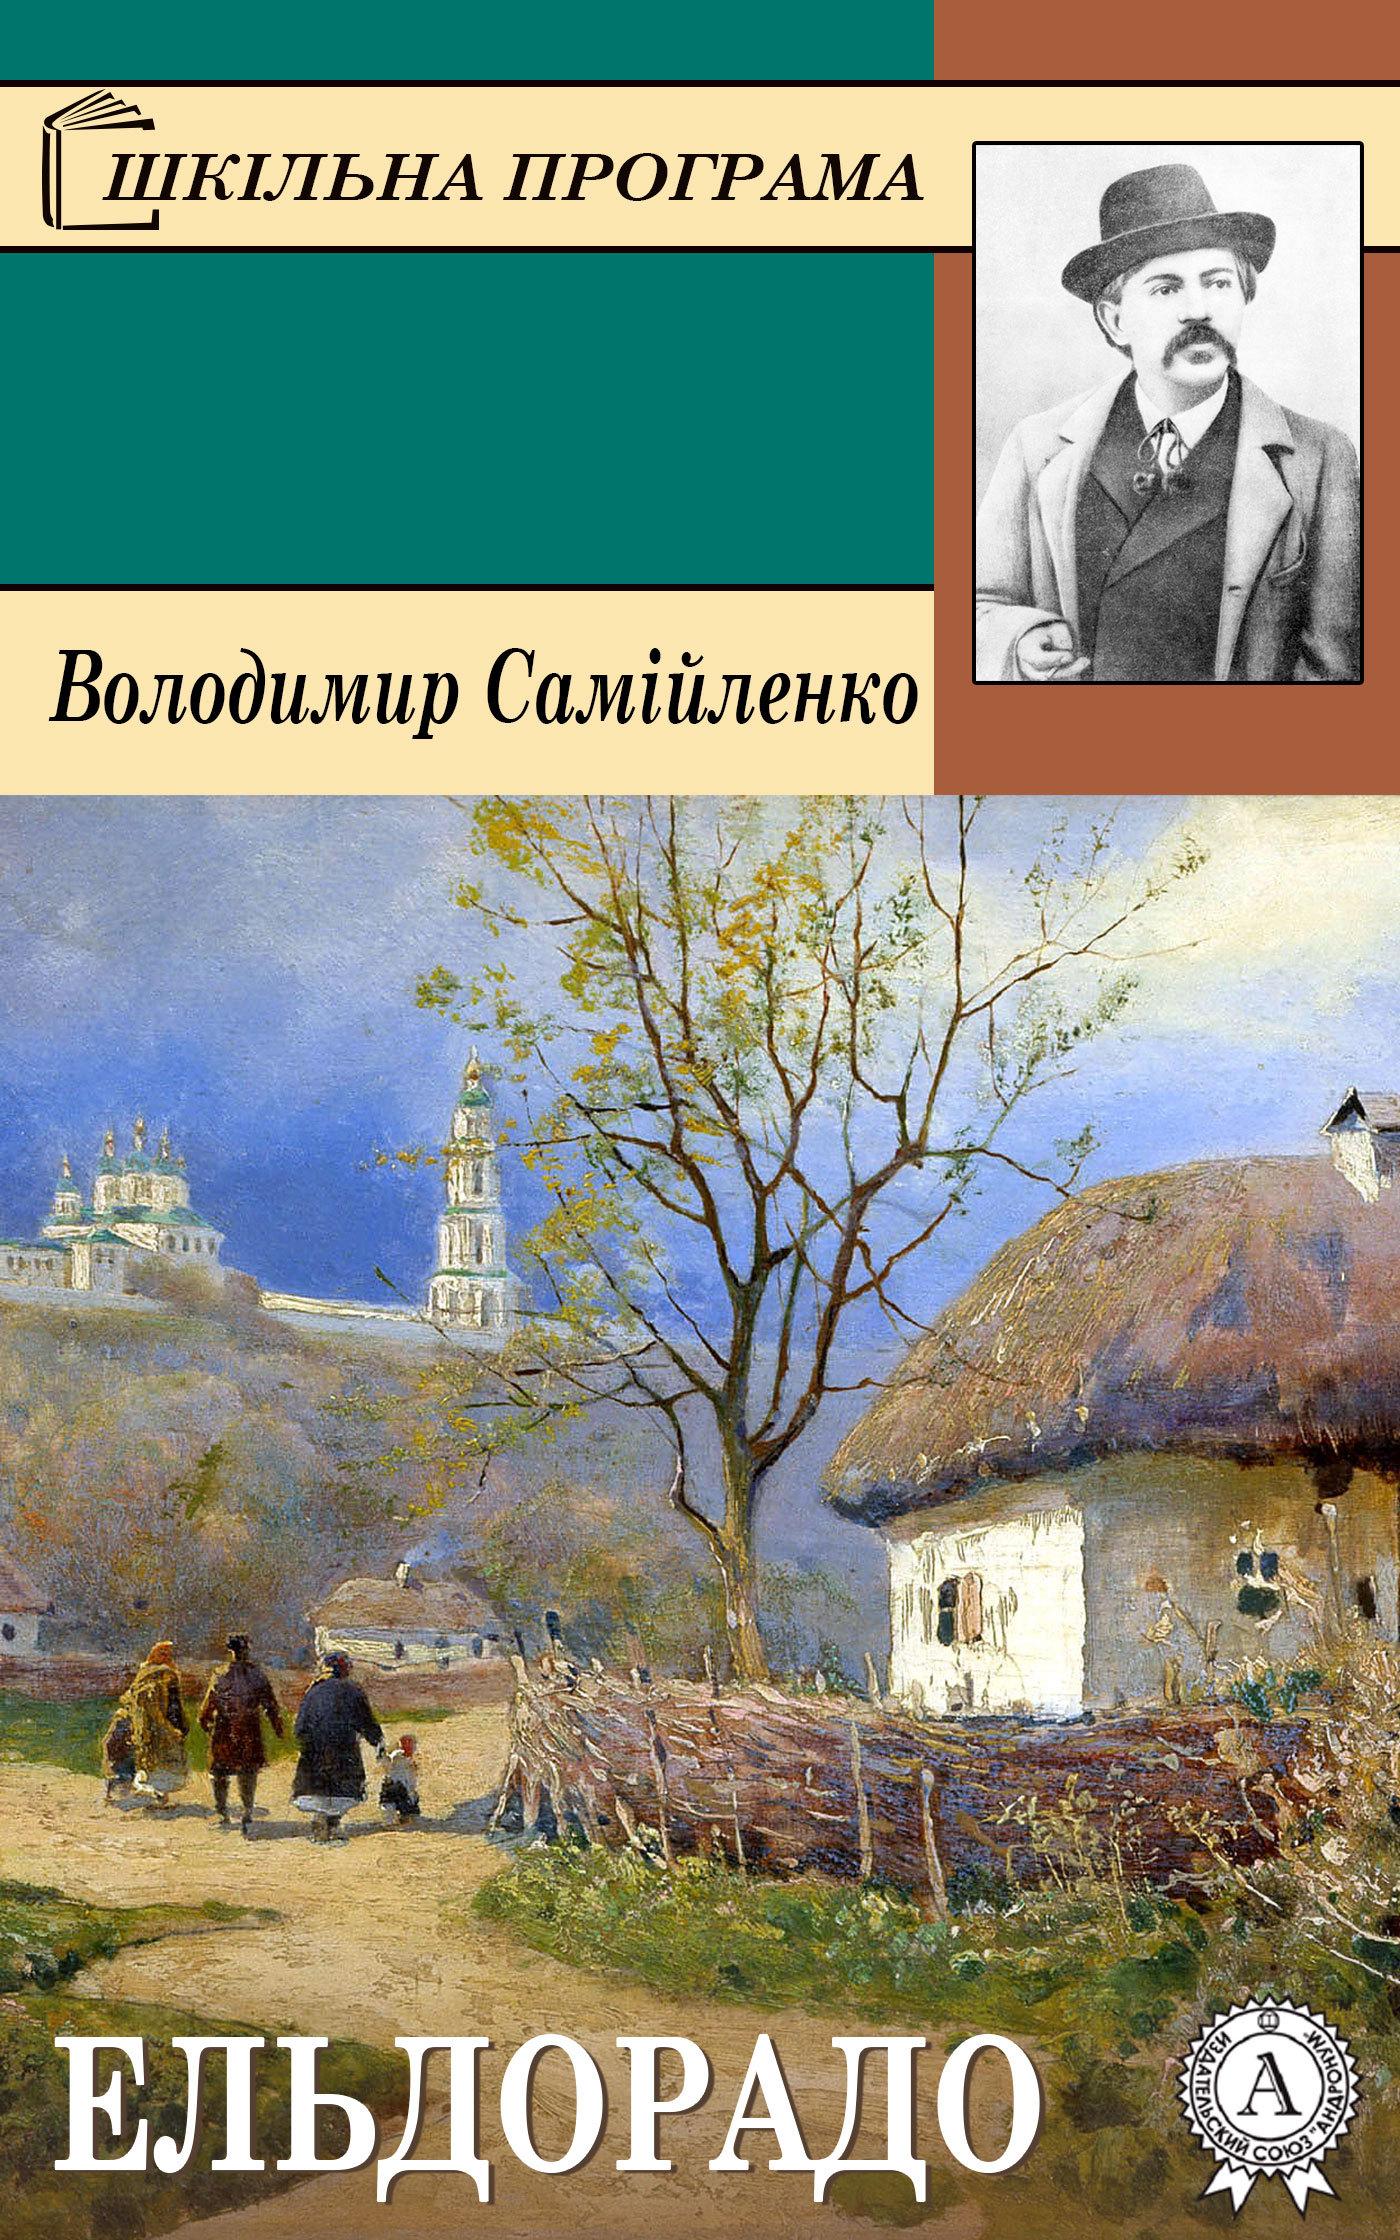 Володимир Самійленко Ельдорадо селезньов володимир антологія помилок та хибних думок